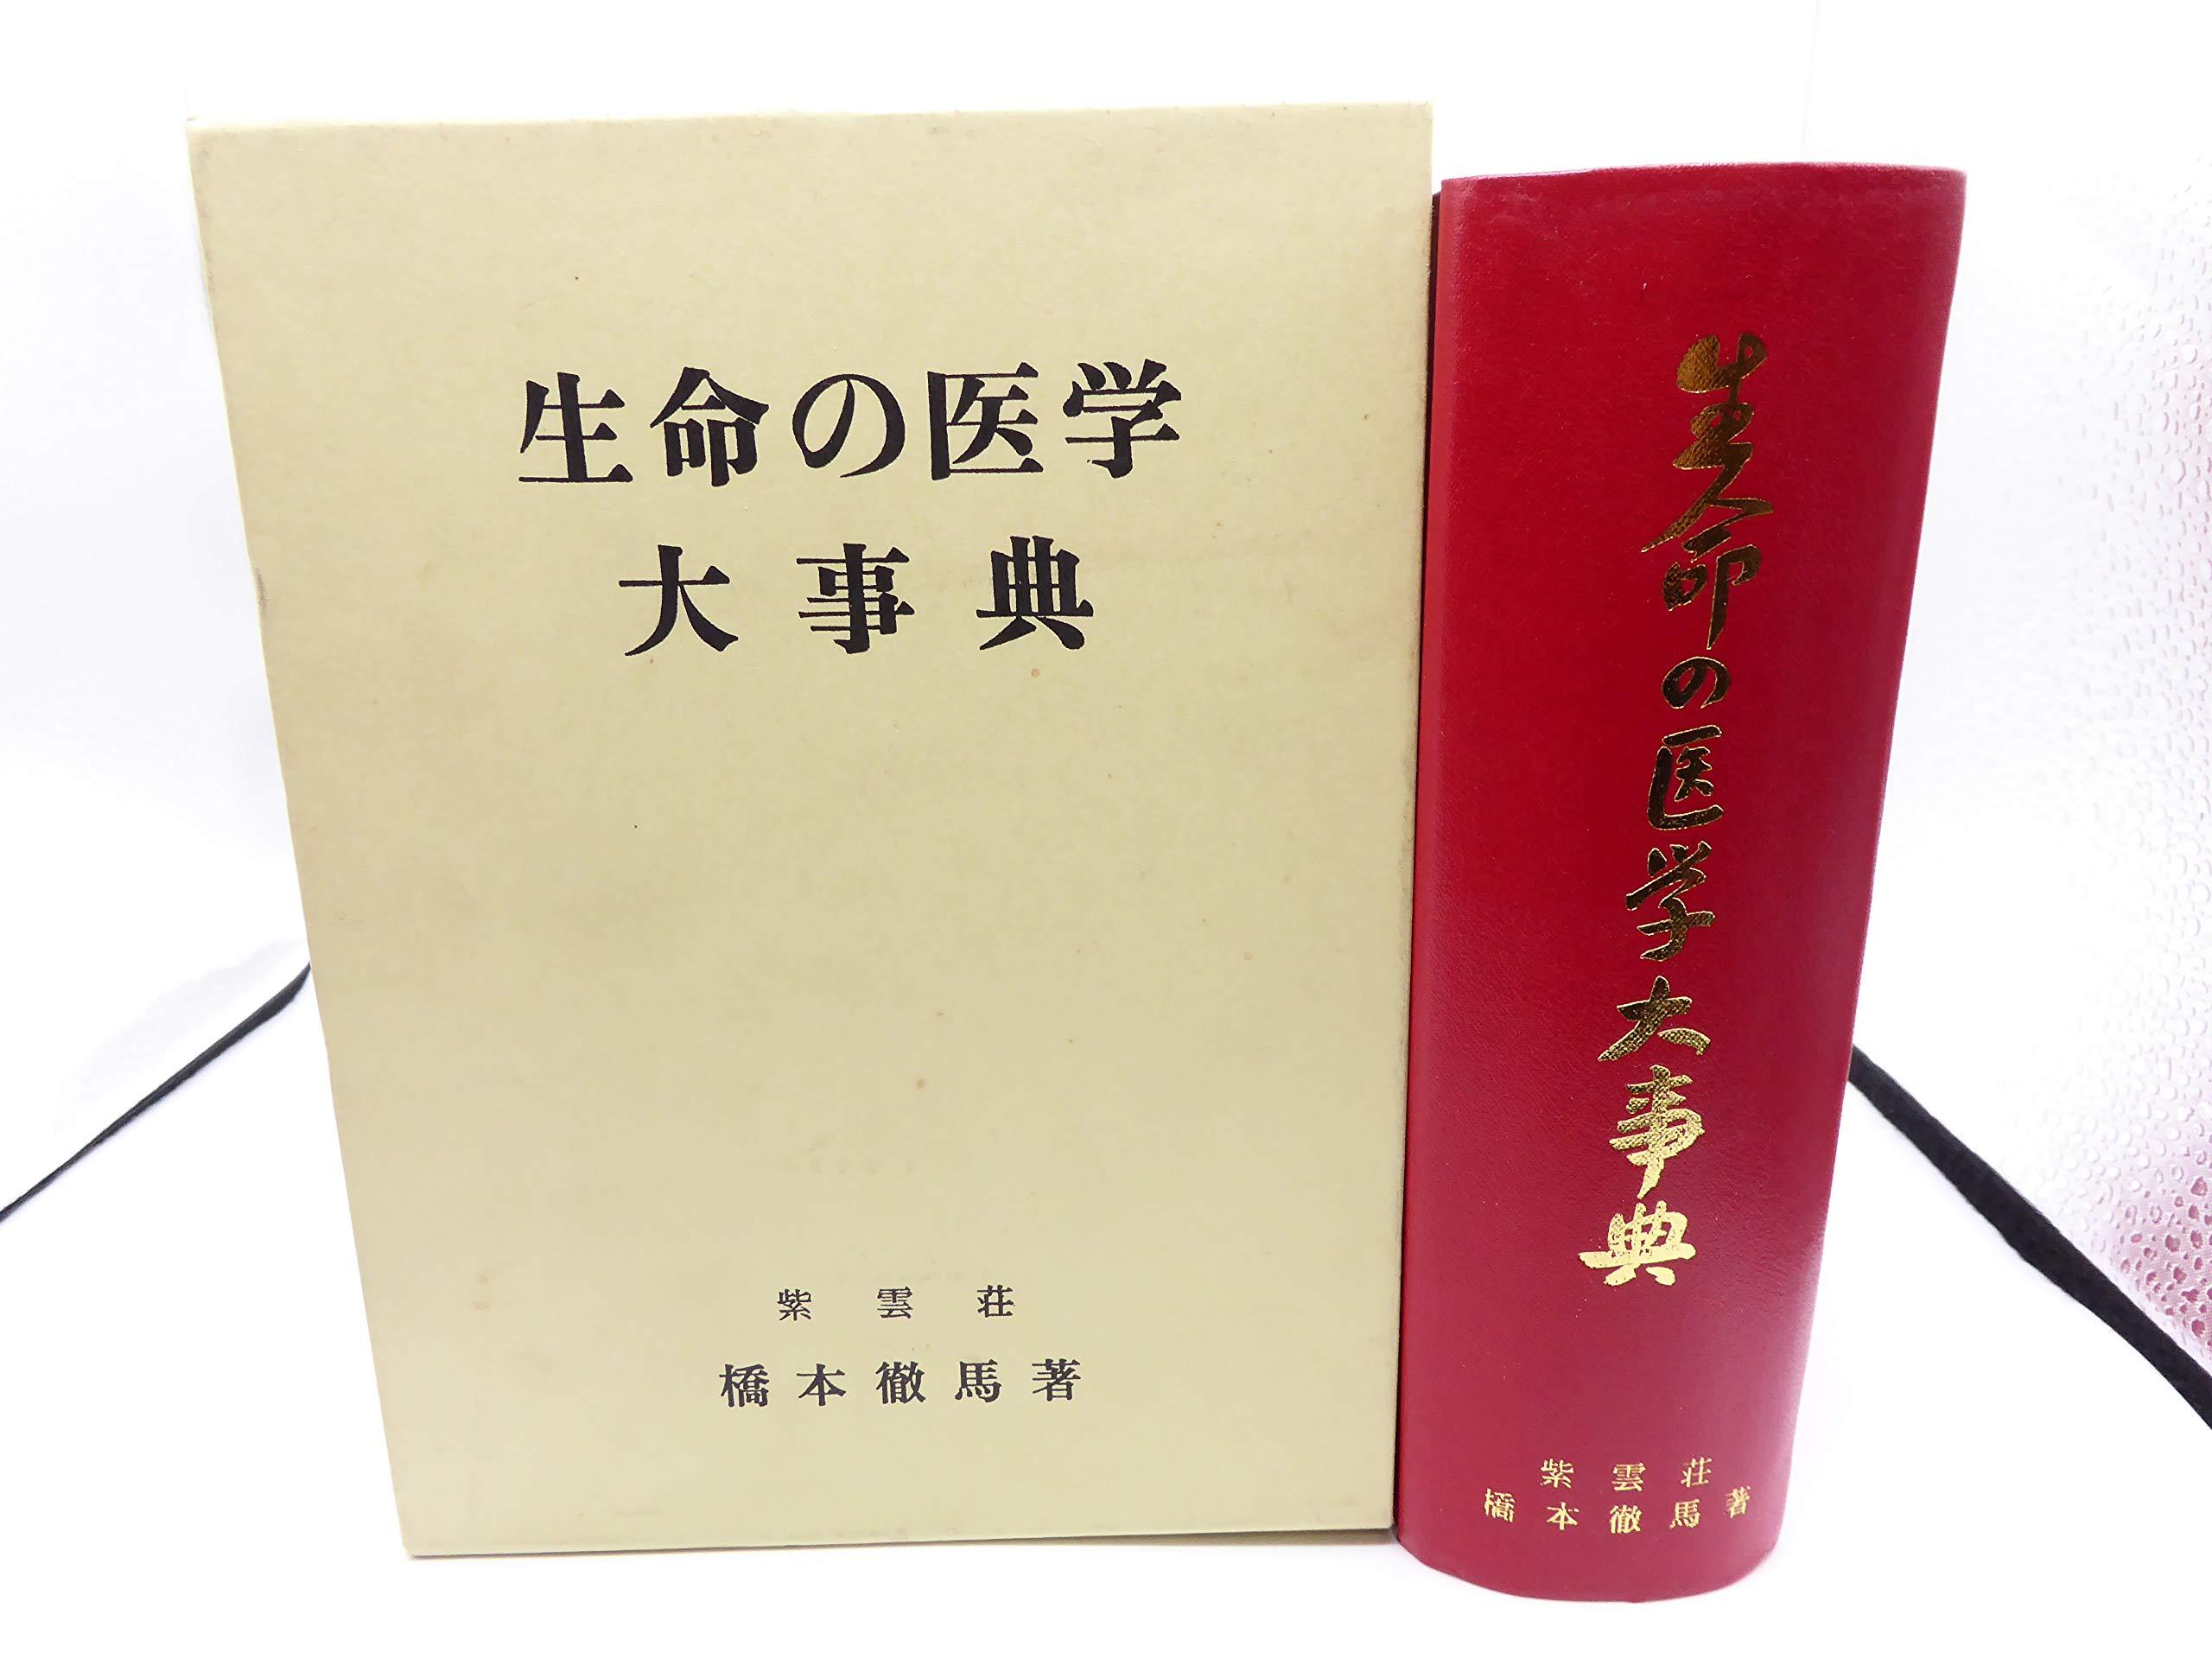 橋本徹馬 - JapaneseClass.jp